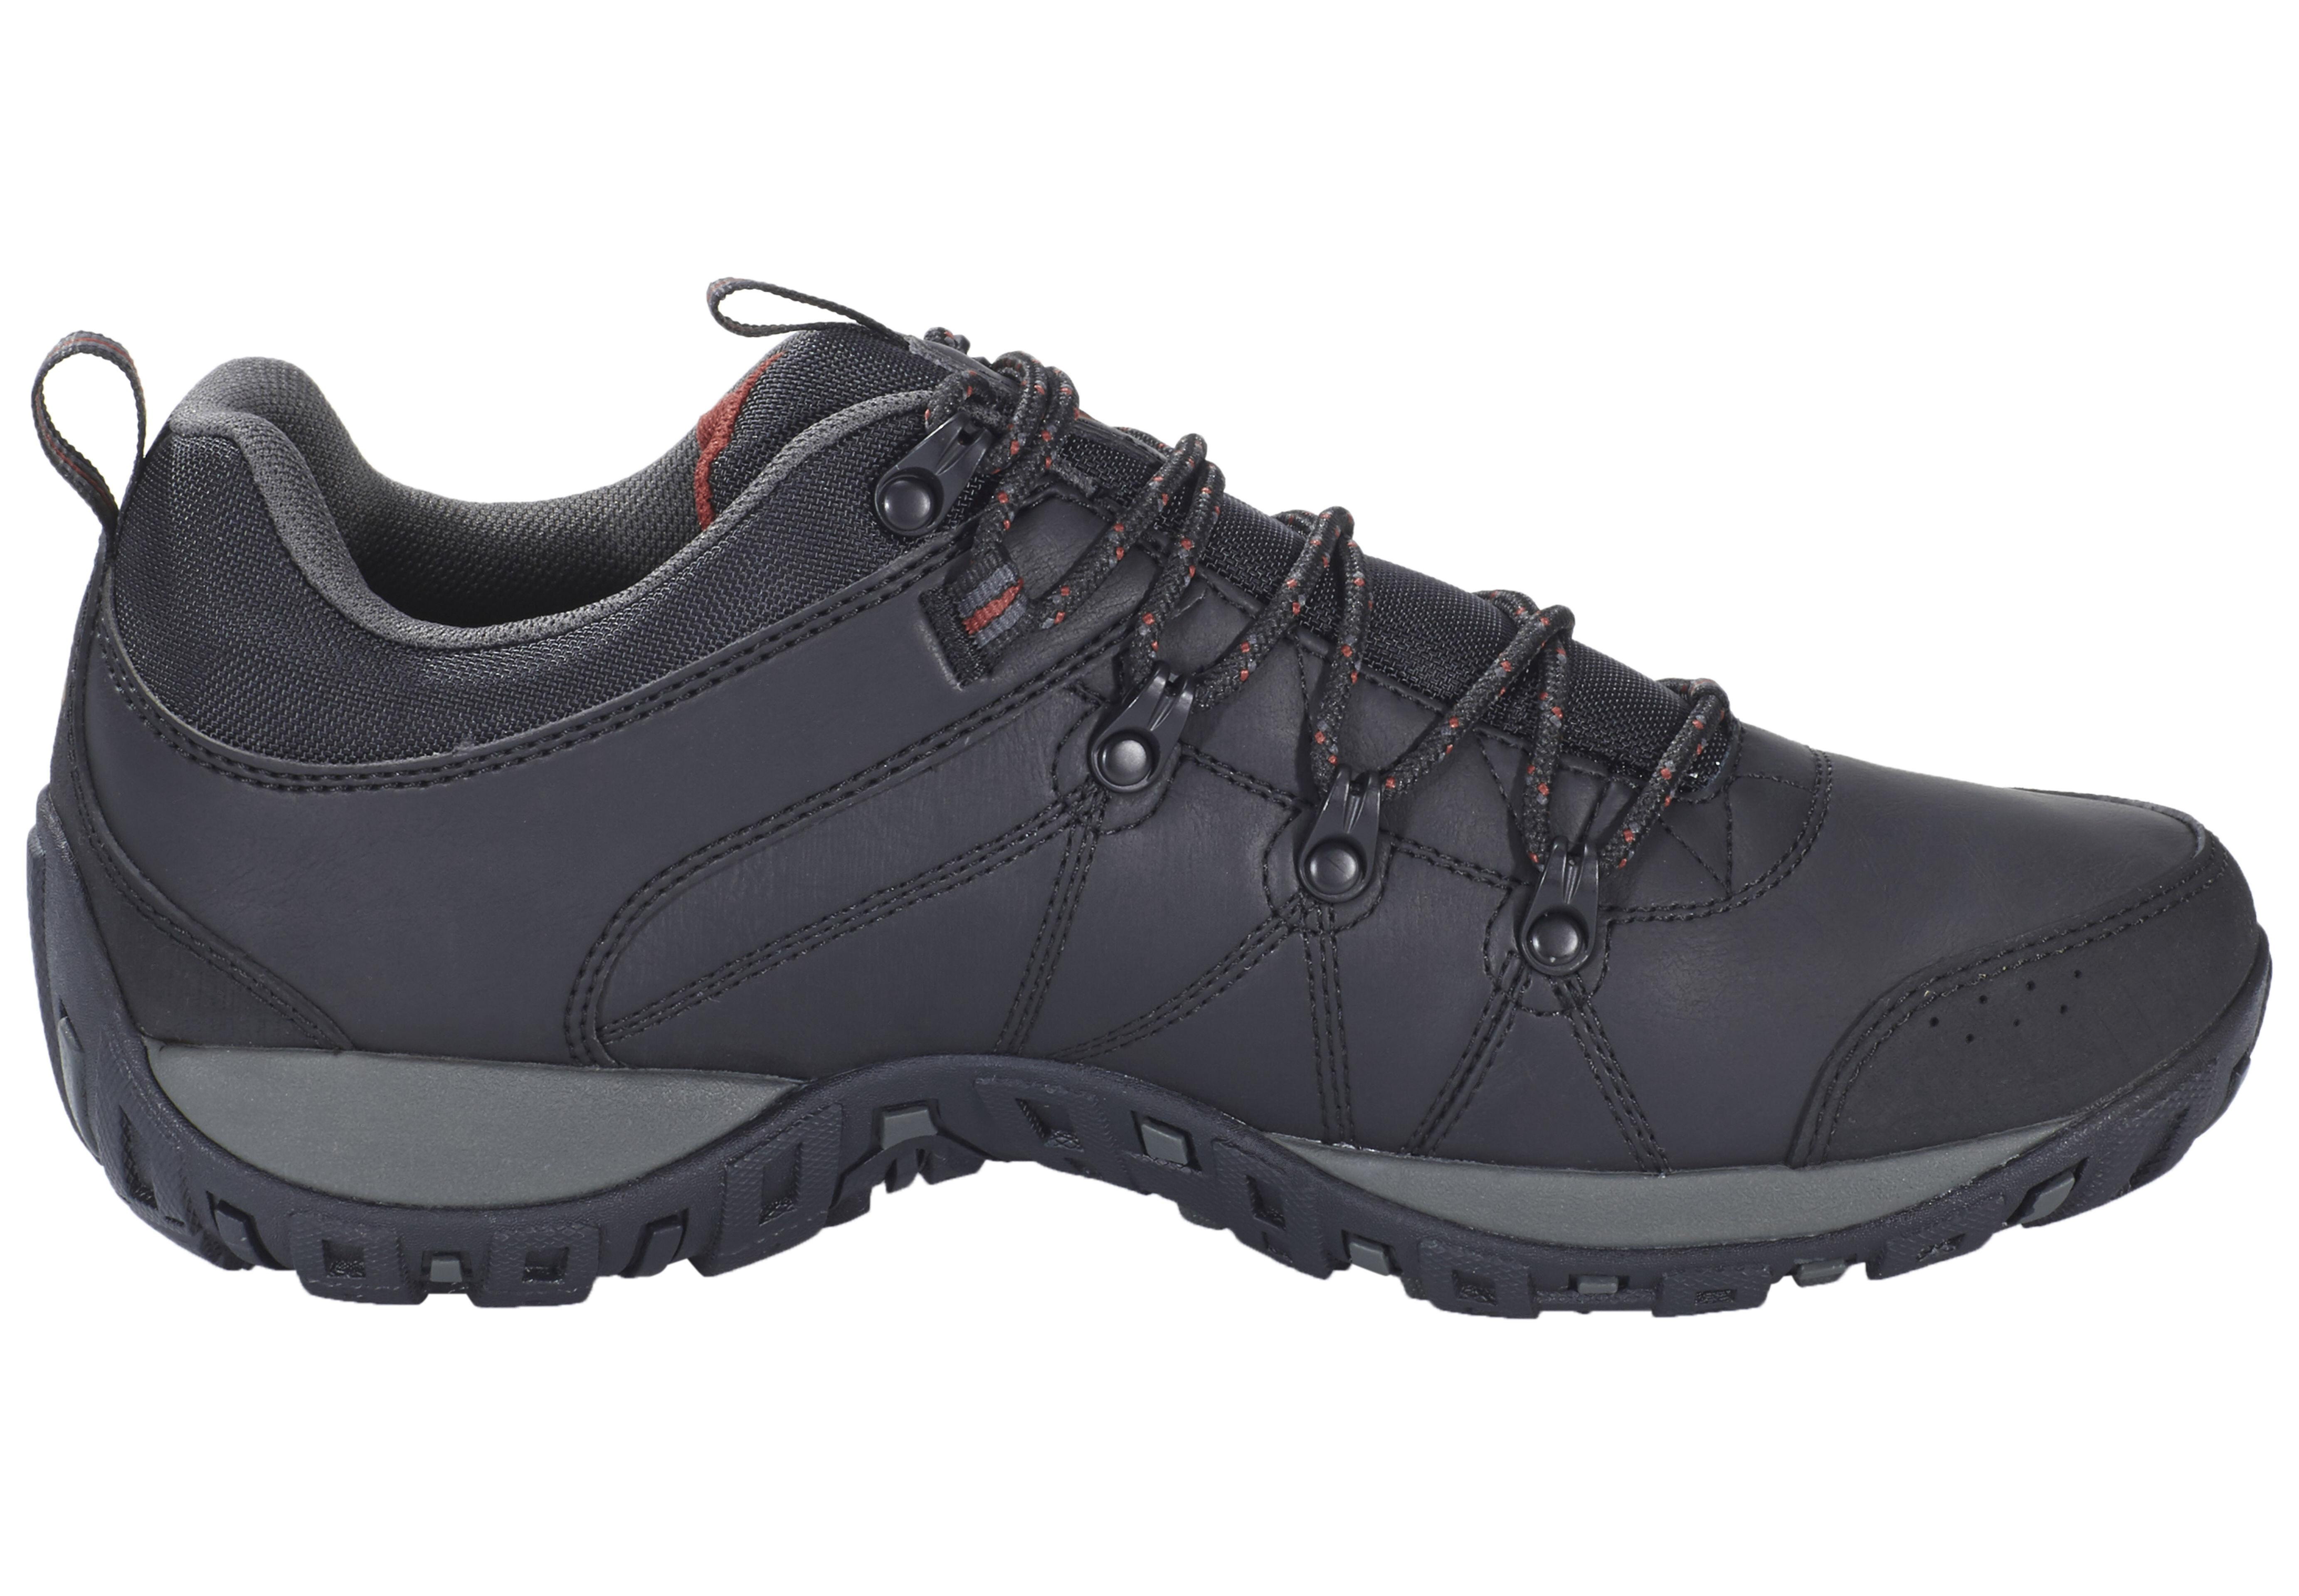 COLUMBIA Peakfreak Venture Waterproof Wanderschuhe Freizeitschuhe Sneaker Herren